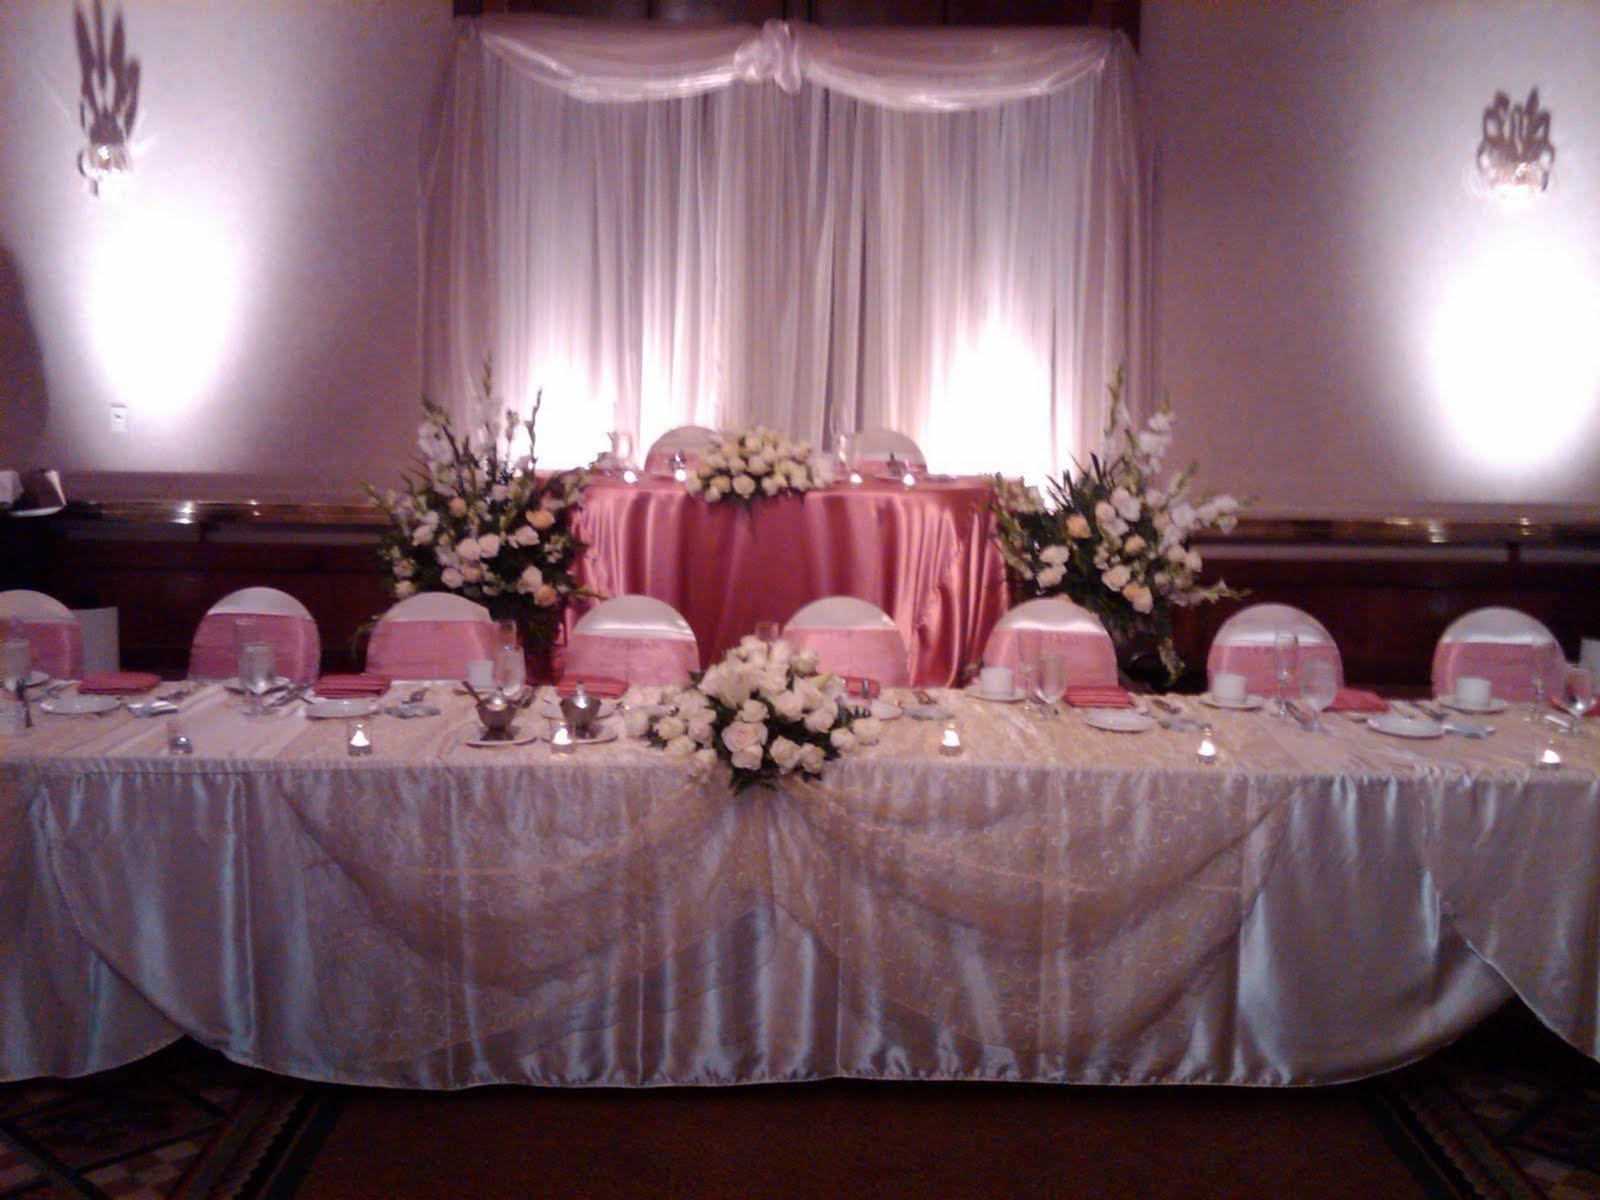 Quincenira Cake Table Decorating Ideas